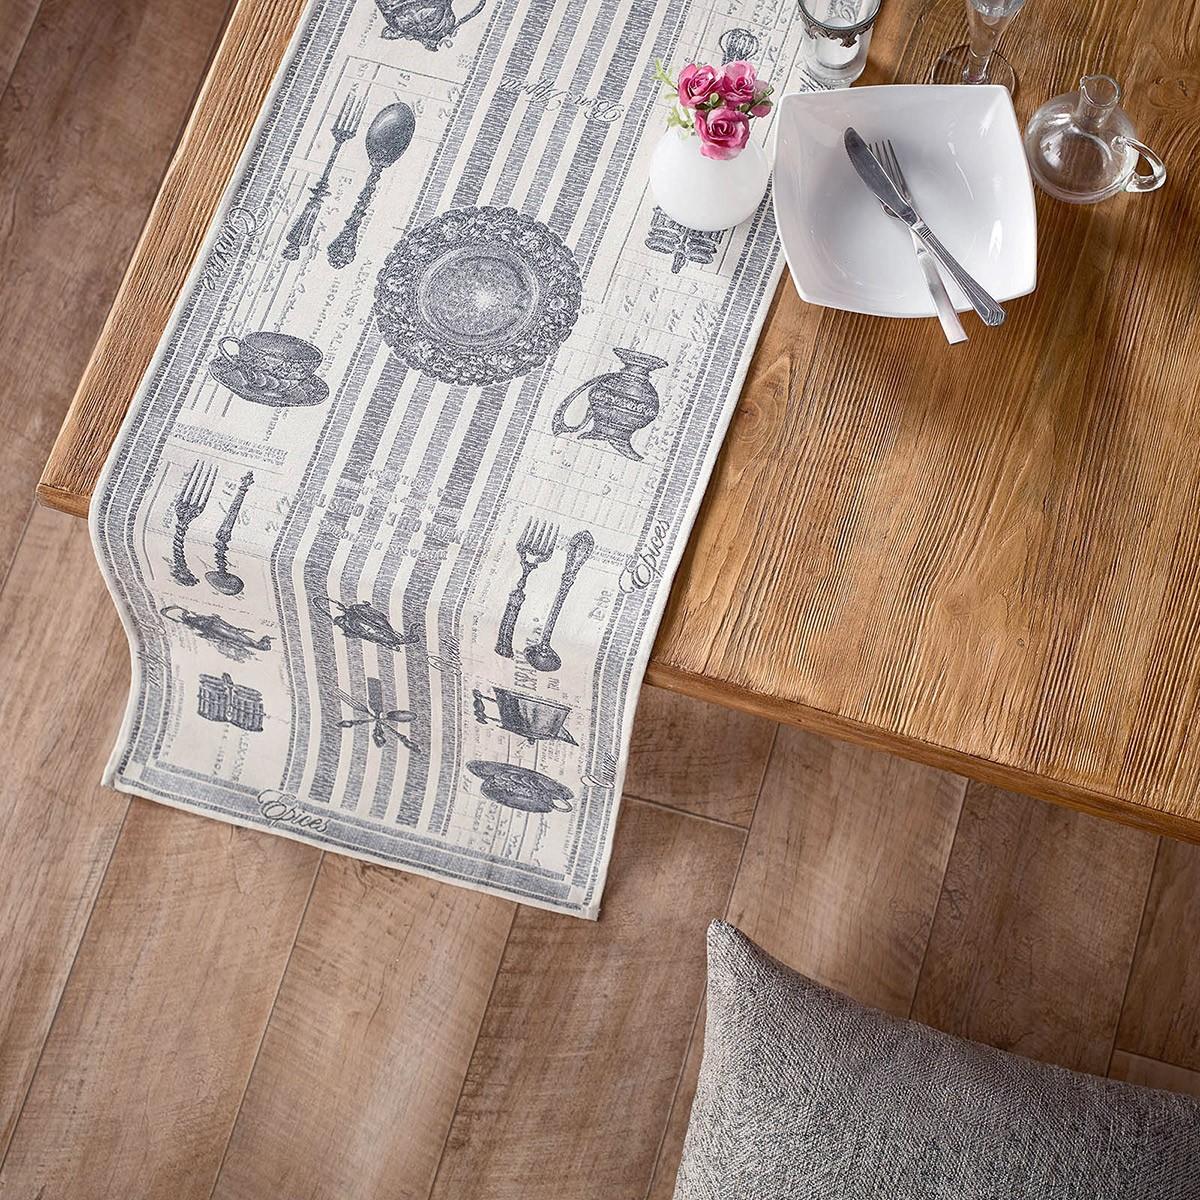 Τραβέρσα (45×140) Gofis Home Audette 468